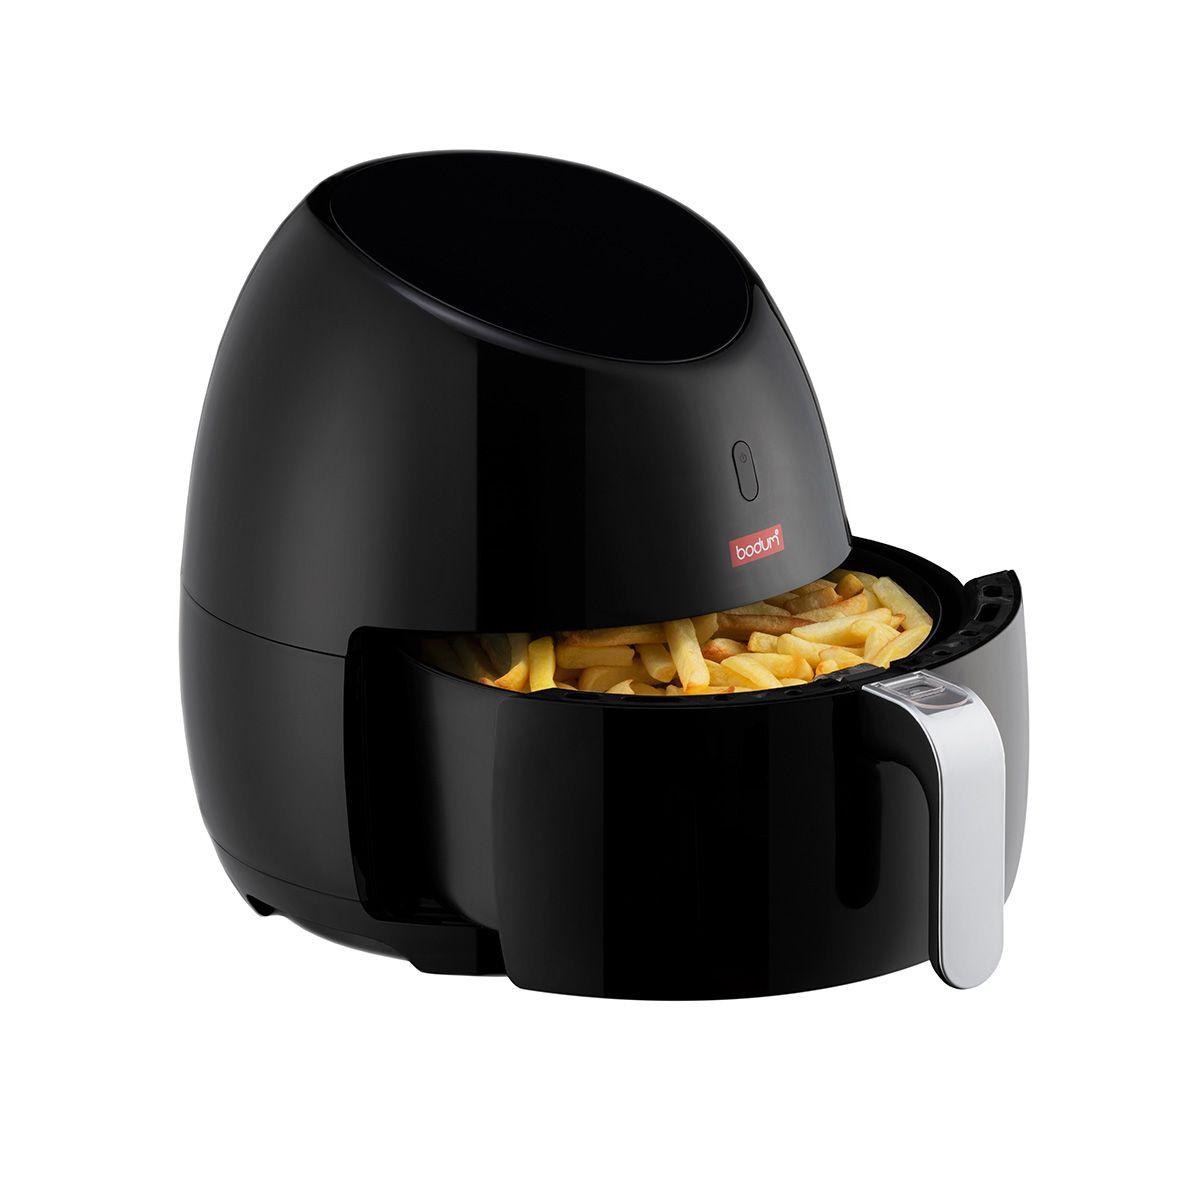 Friteuse sans huile Bodum Melior - 2000W, Capacité 5l / 1.2 kg, 8 options de cuisson